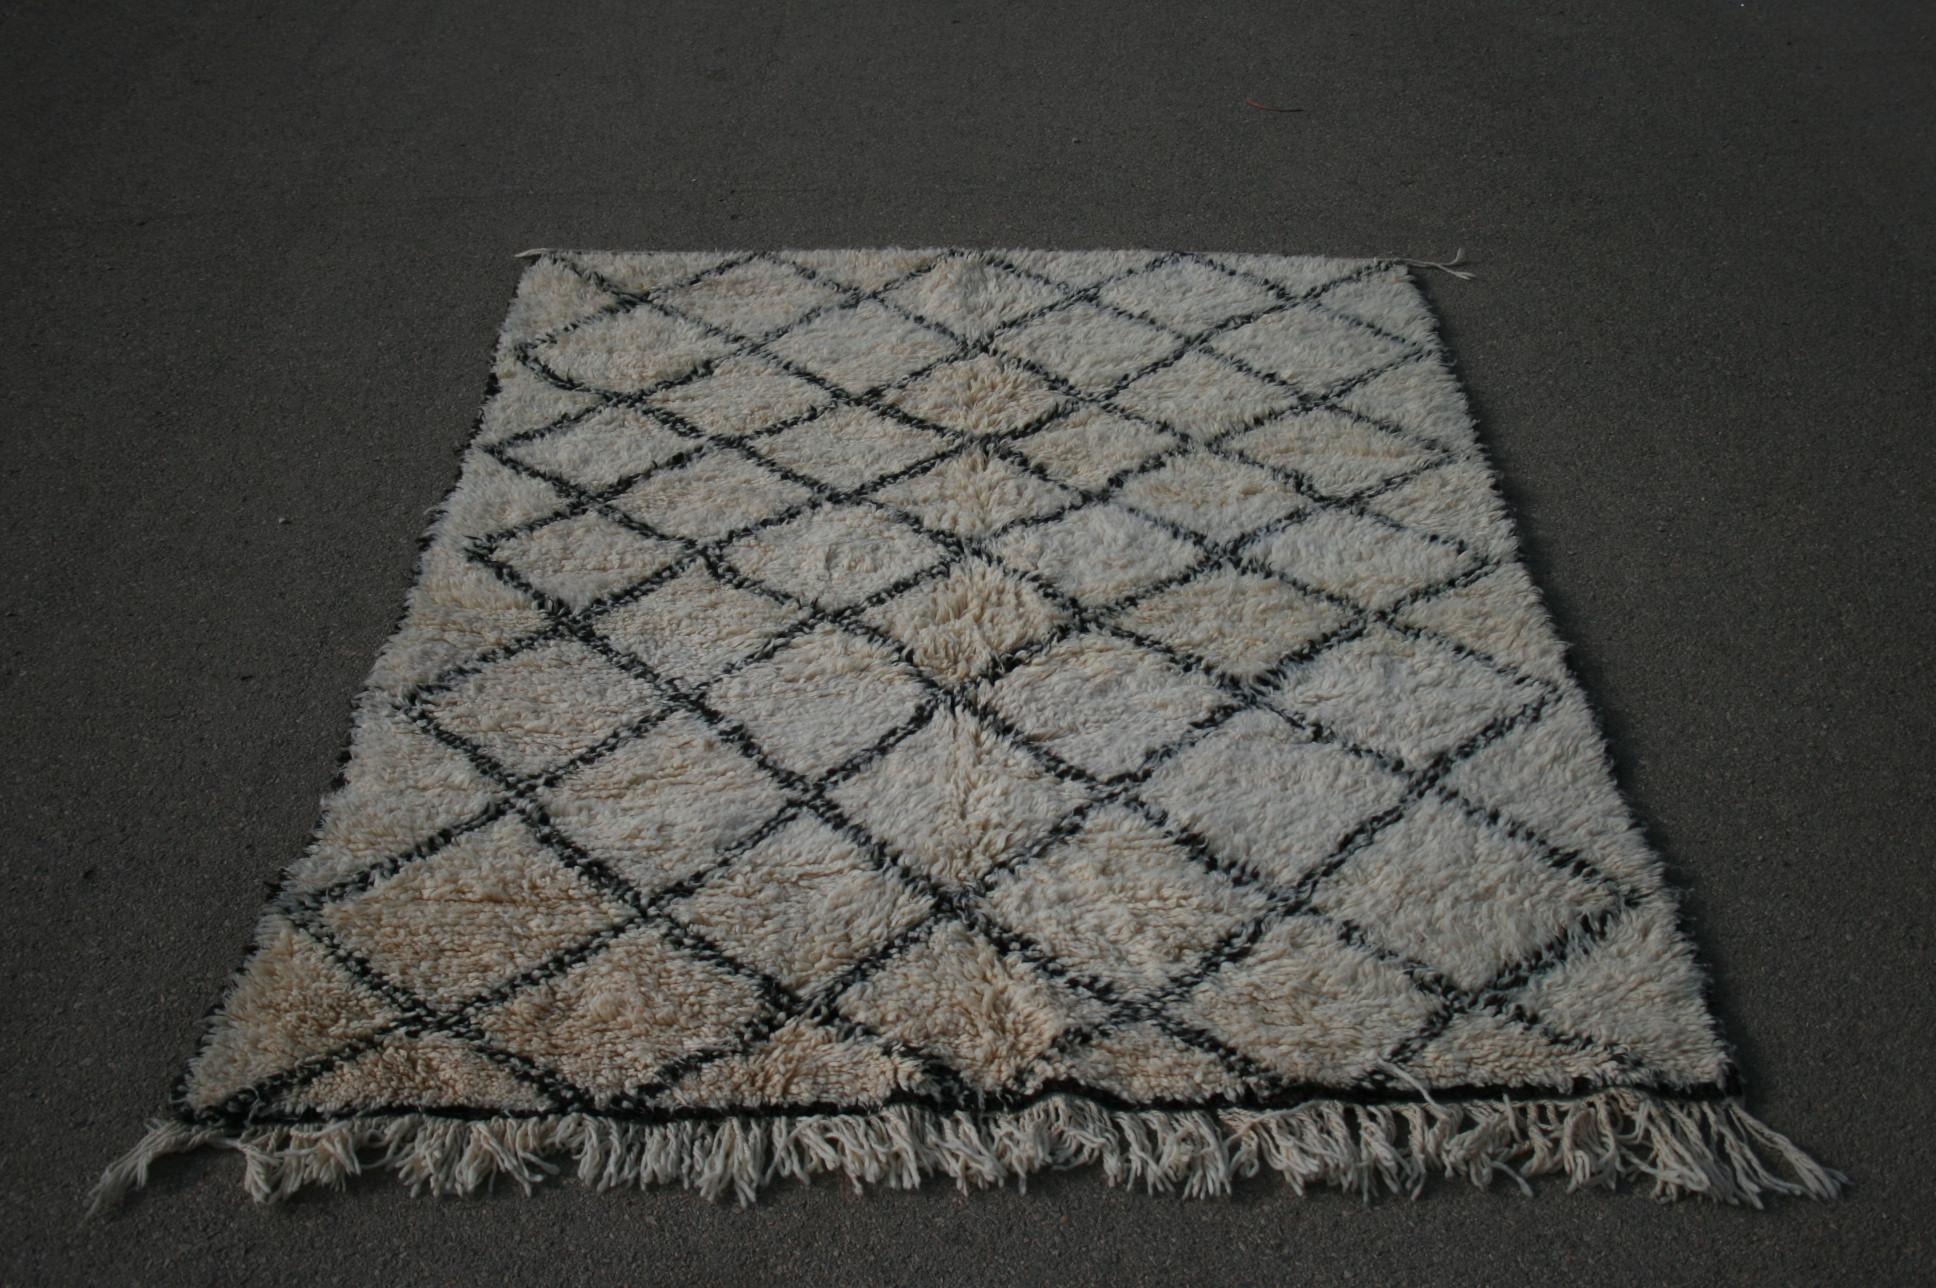 Beni Ouarain vloerkleed uit Marokko no 2601 (224cm x 162cm) Leverbaar vanaf 20 juli, nu bestelbaar.